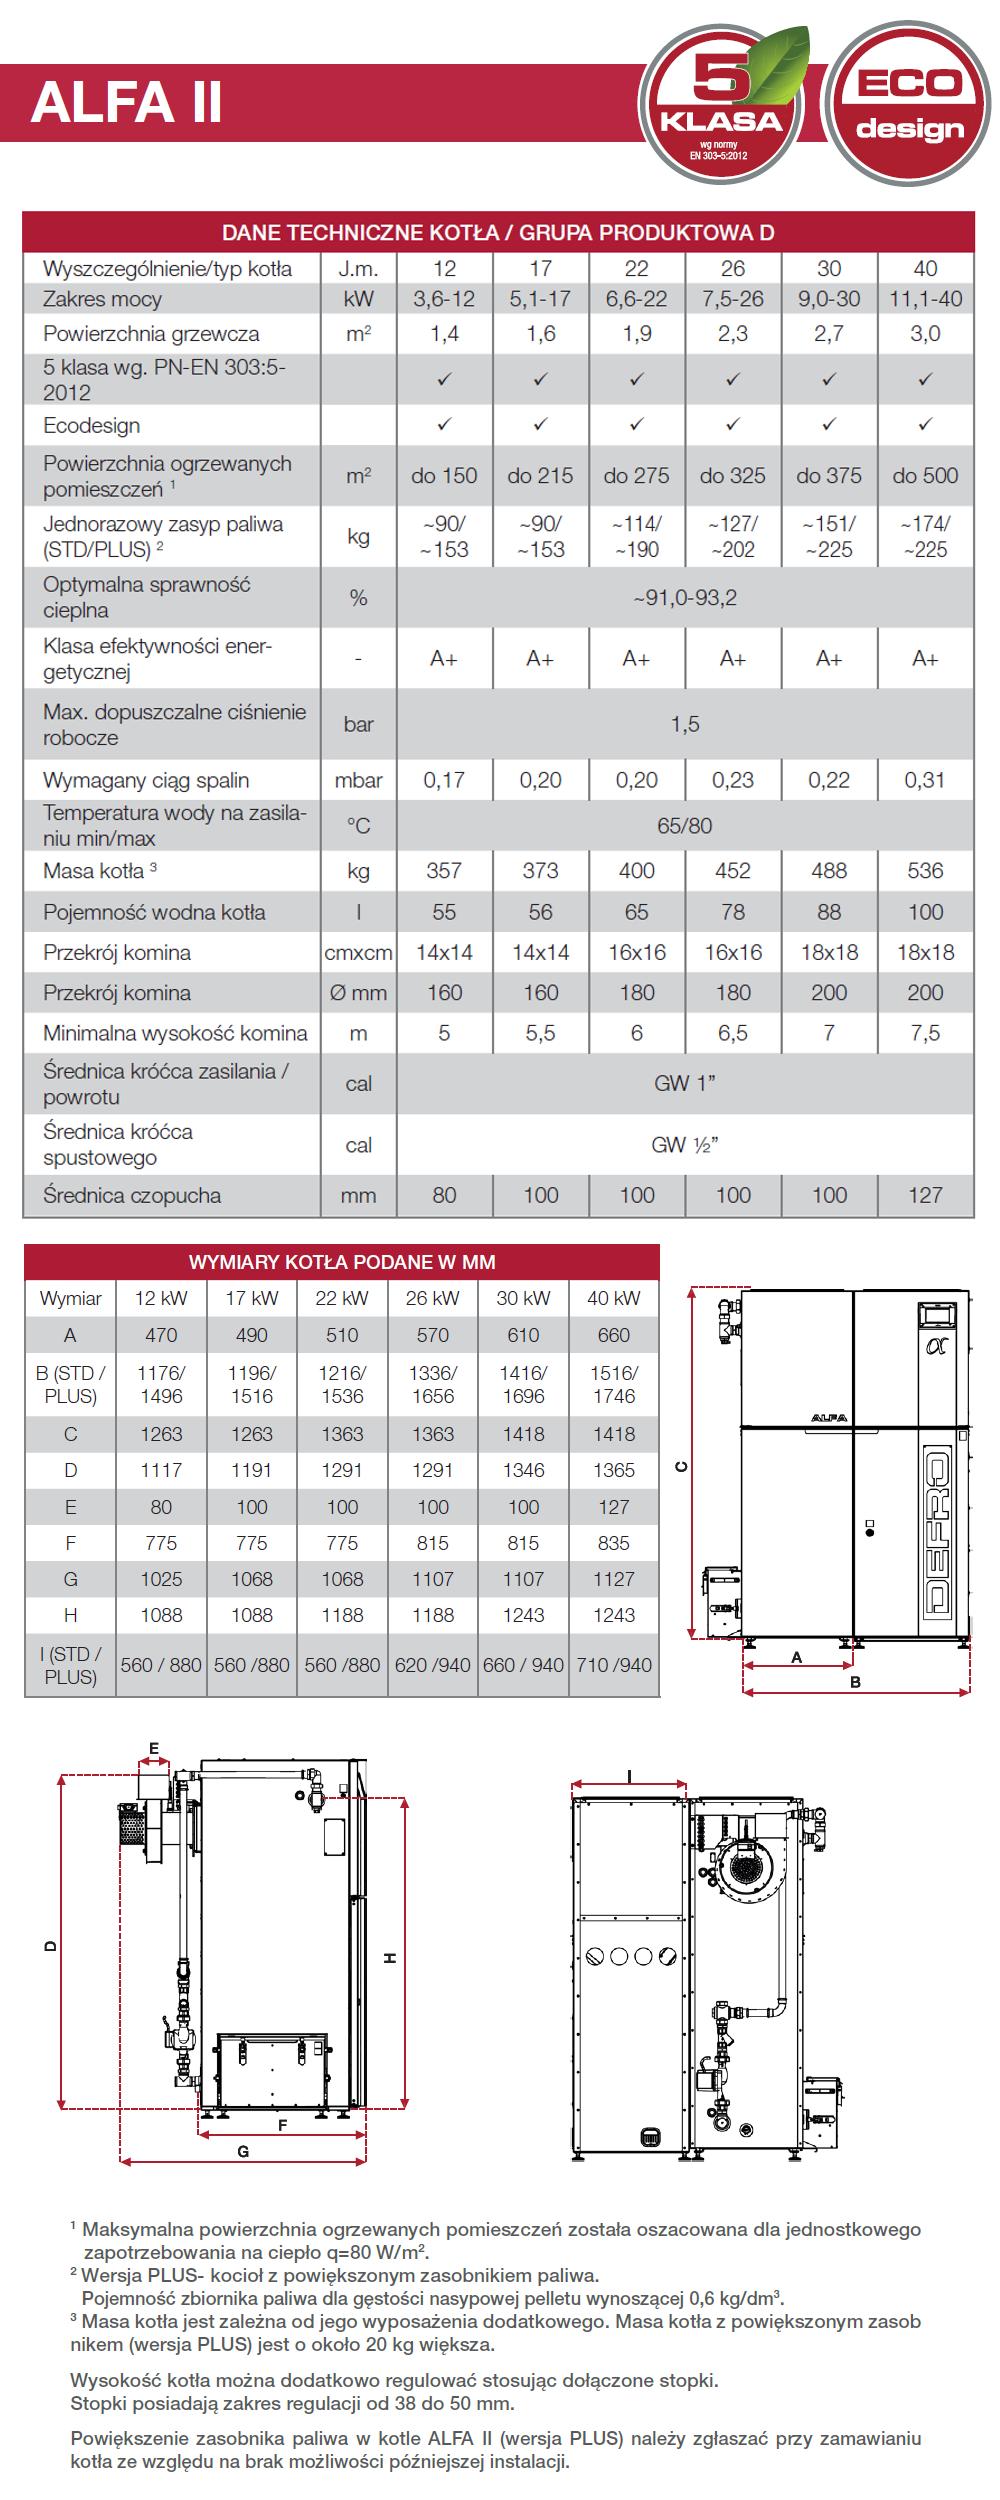 Parametry techniczne kotła Defro ALFA II